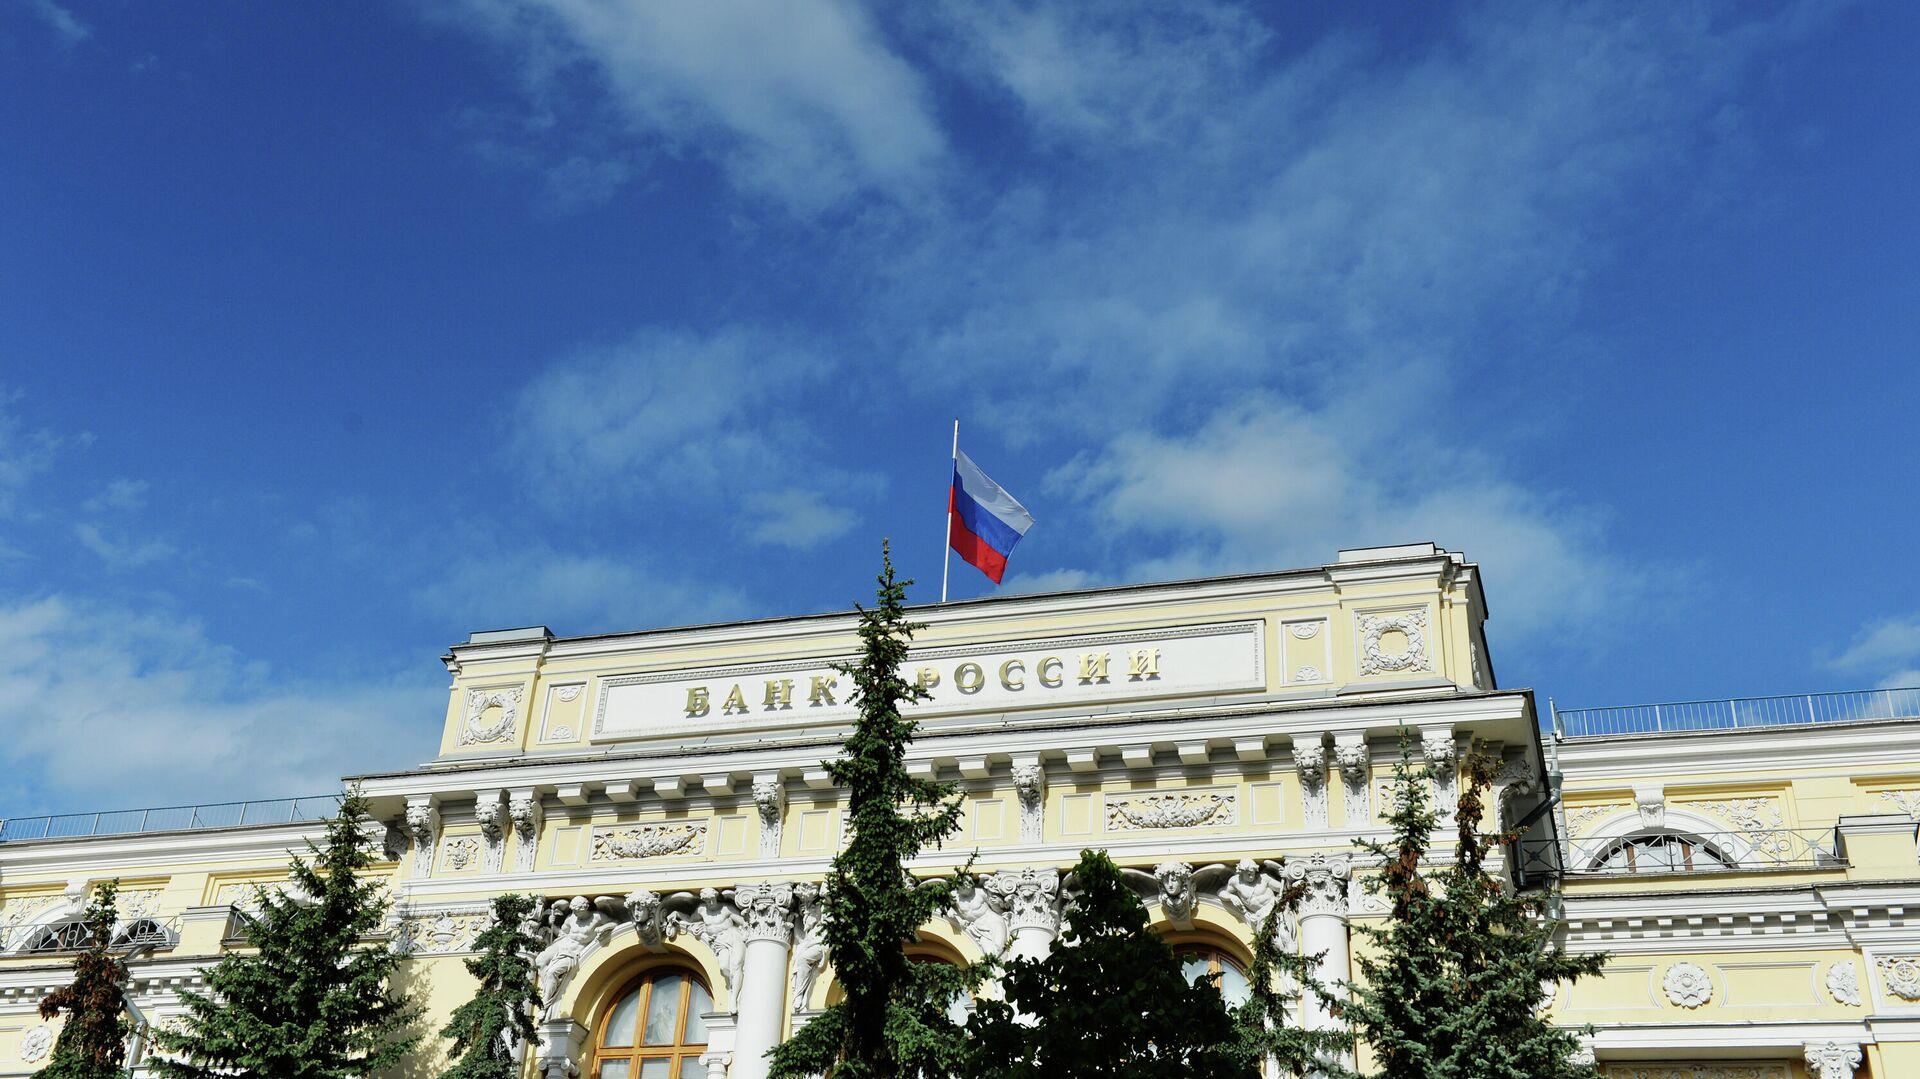 Здание Центрального банка России  - РИА Новости, 1920, 29.04.2021